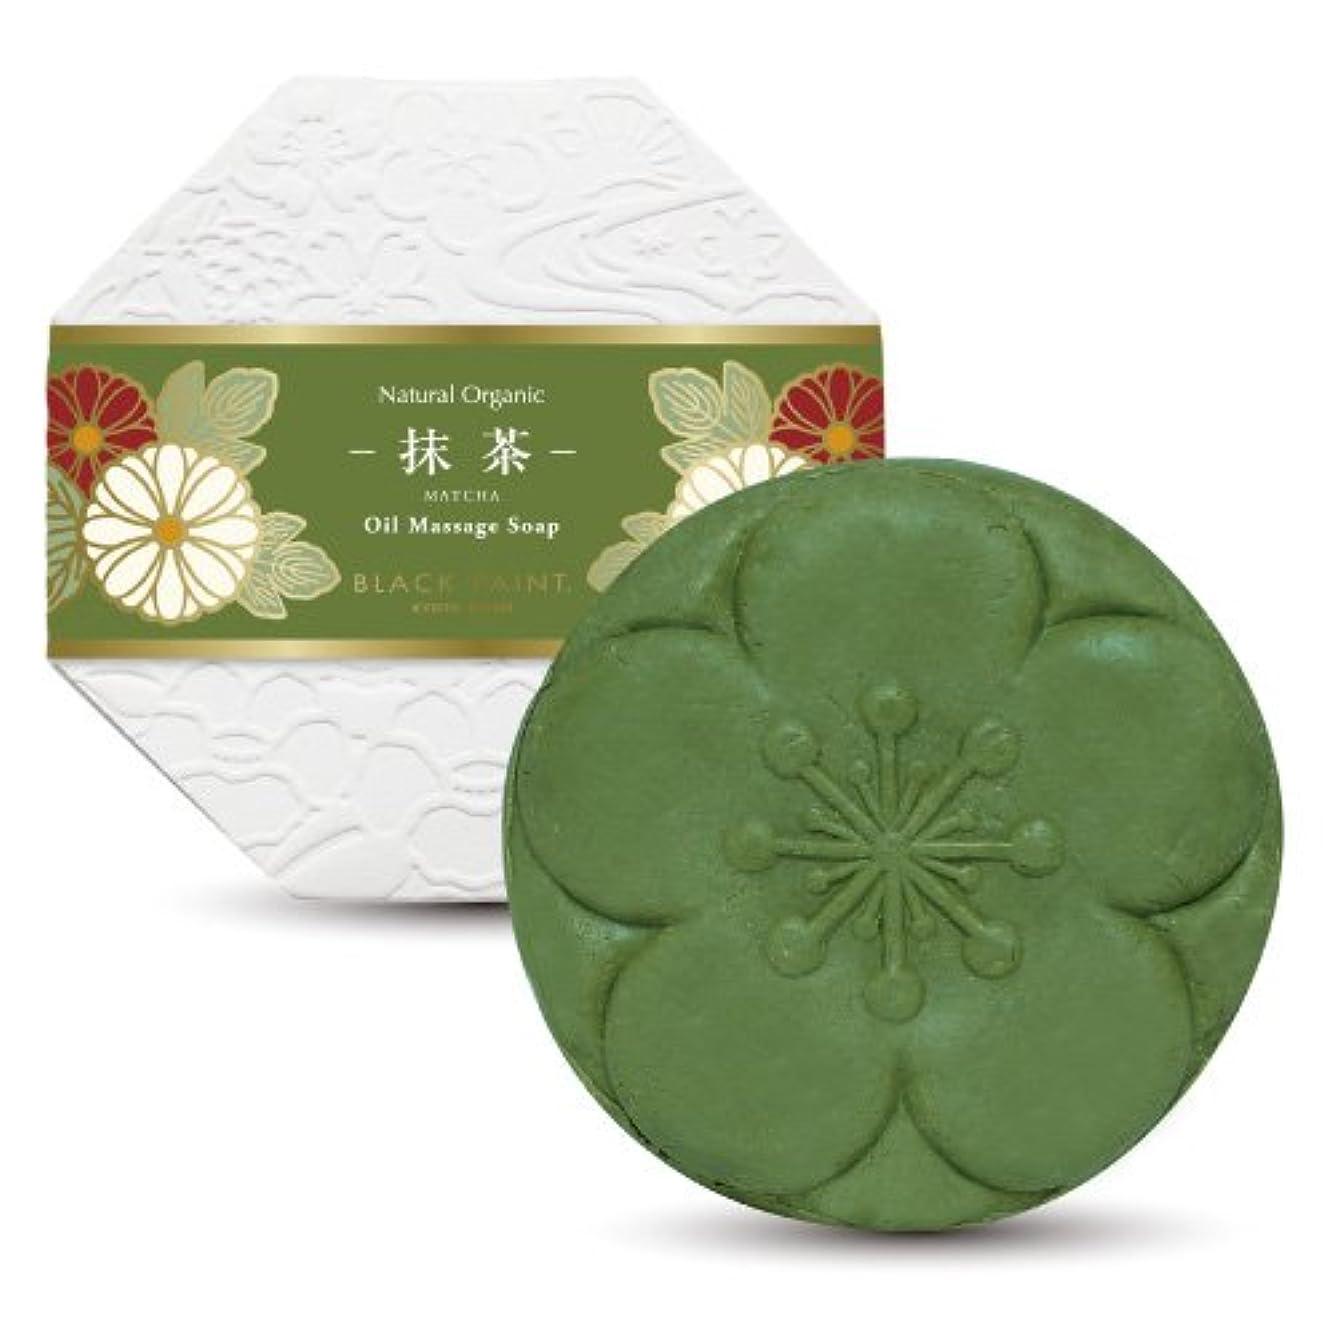 破裂ピンひらめき京のお茶石鹸 抹茶 120g 塗る石鹸